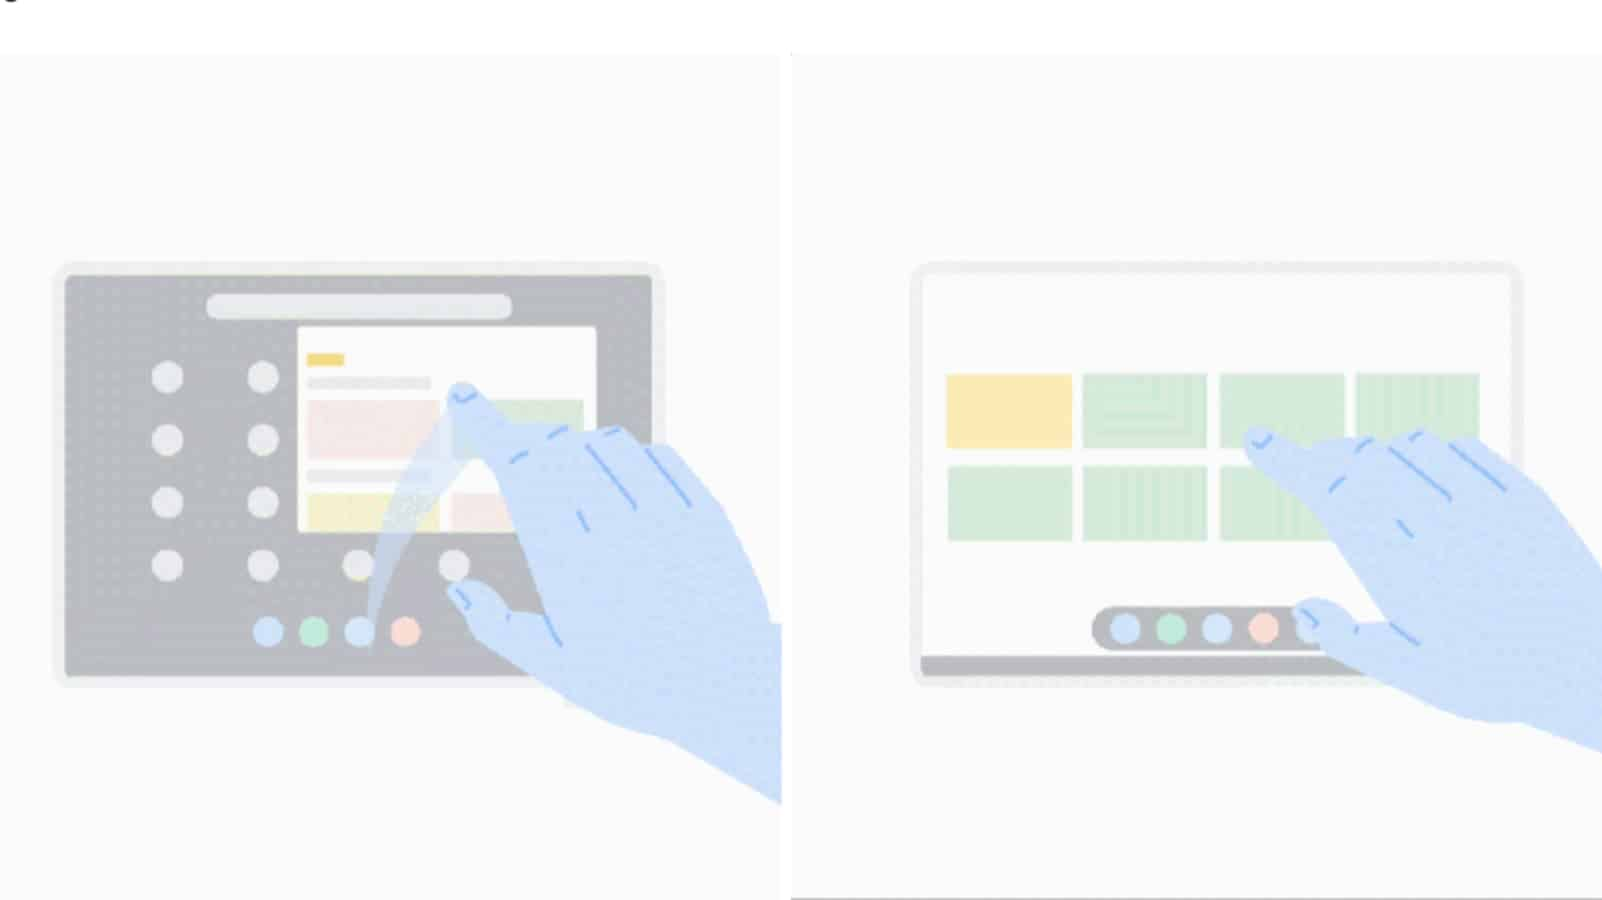 Chrome OS 81 presser gif screenshots